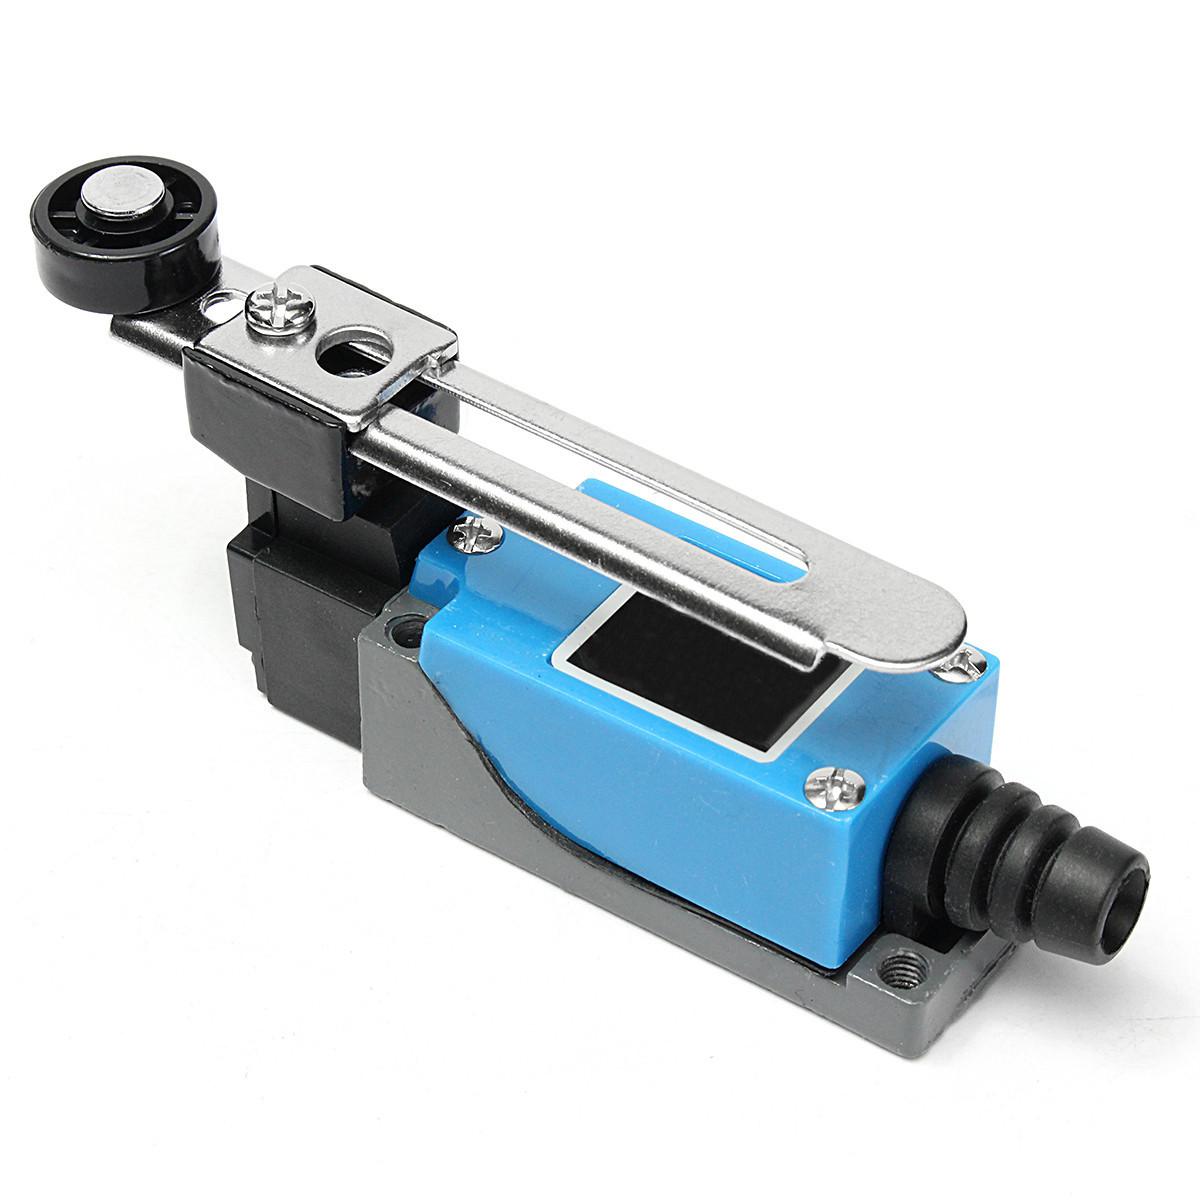 Excellway® 5шт. Предельный выключатель AC 250V 5A Регулируемый поворотный рычаг Ролик - фото 3